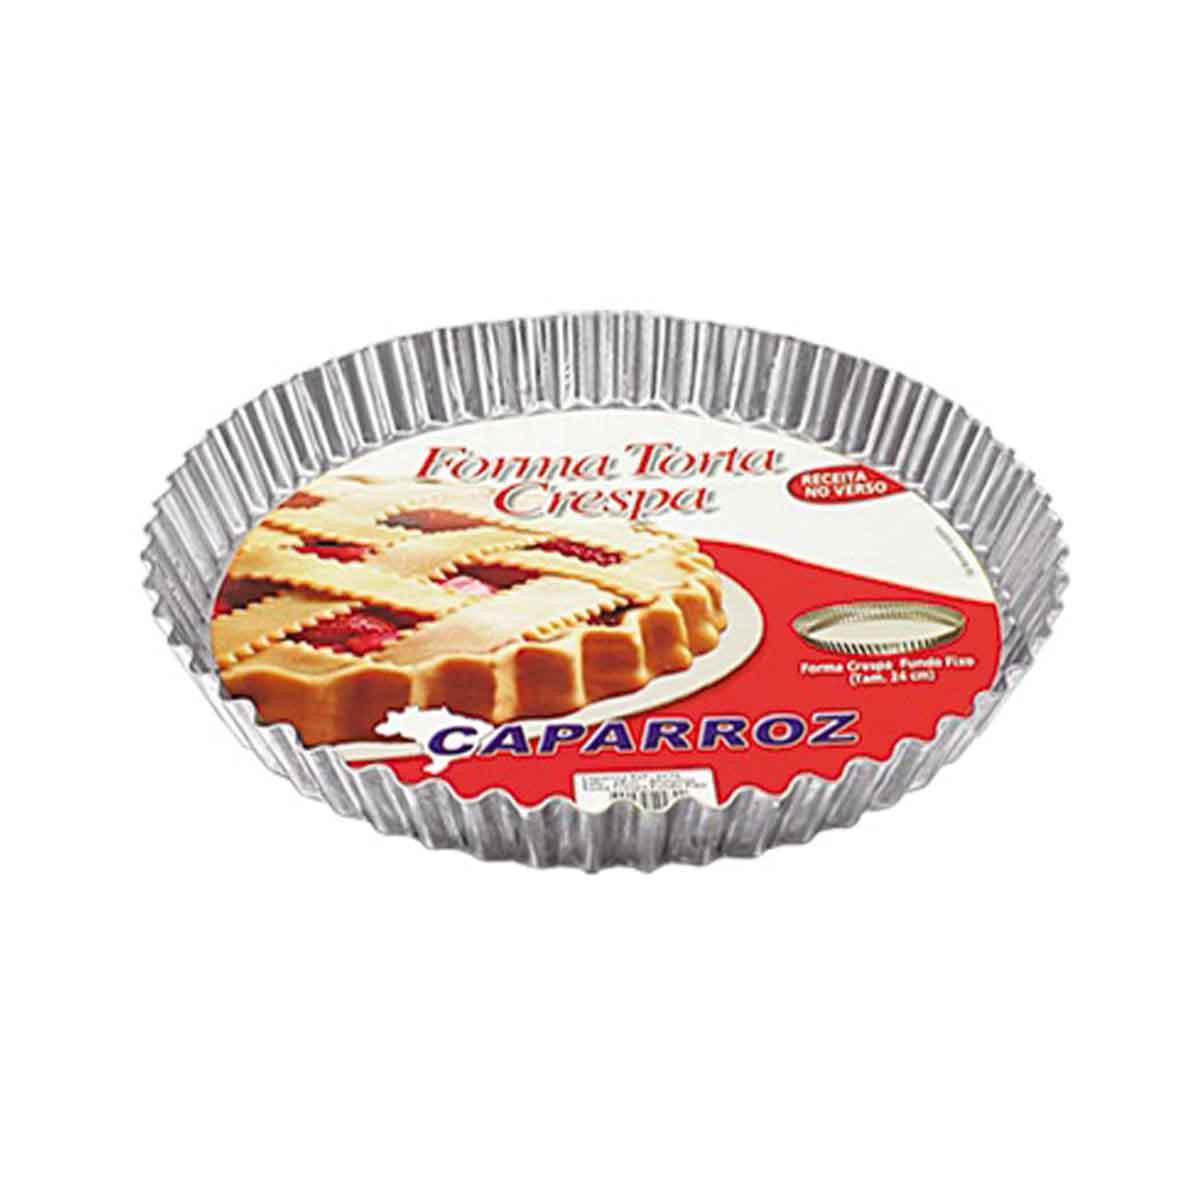 Forma Torta De Alumínio Crespa C/ Fundo Falso 20cm Caparroz Cód. 0277